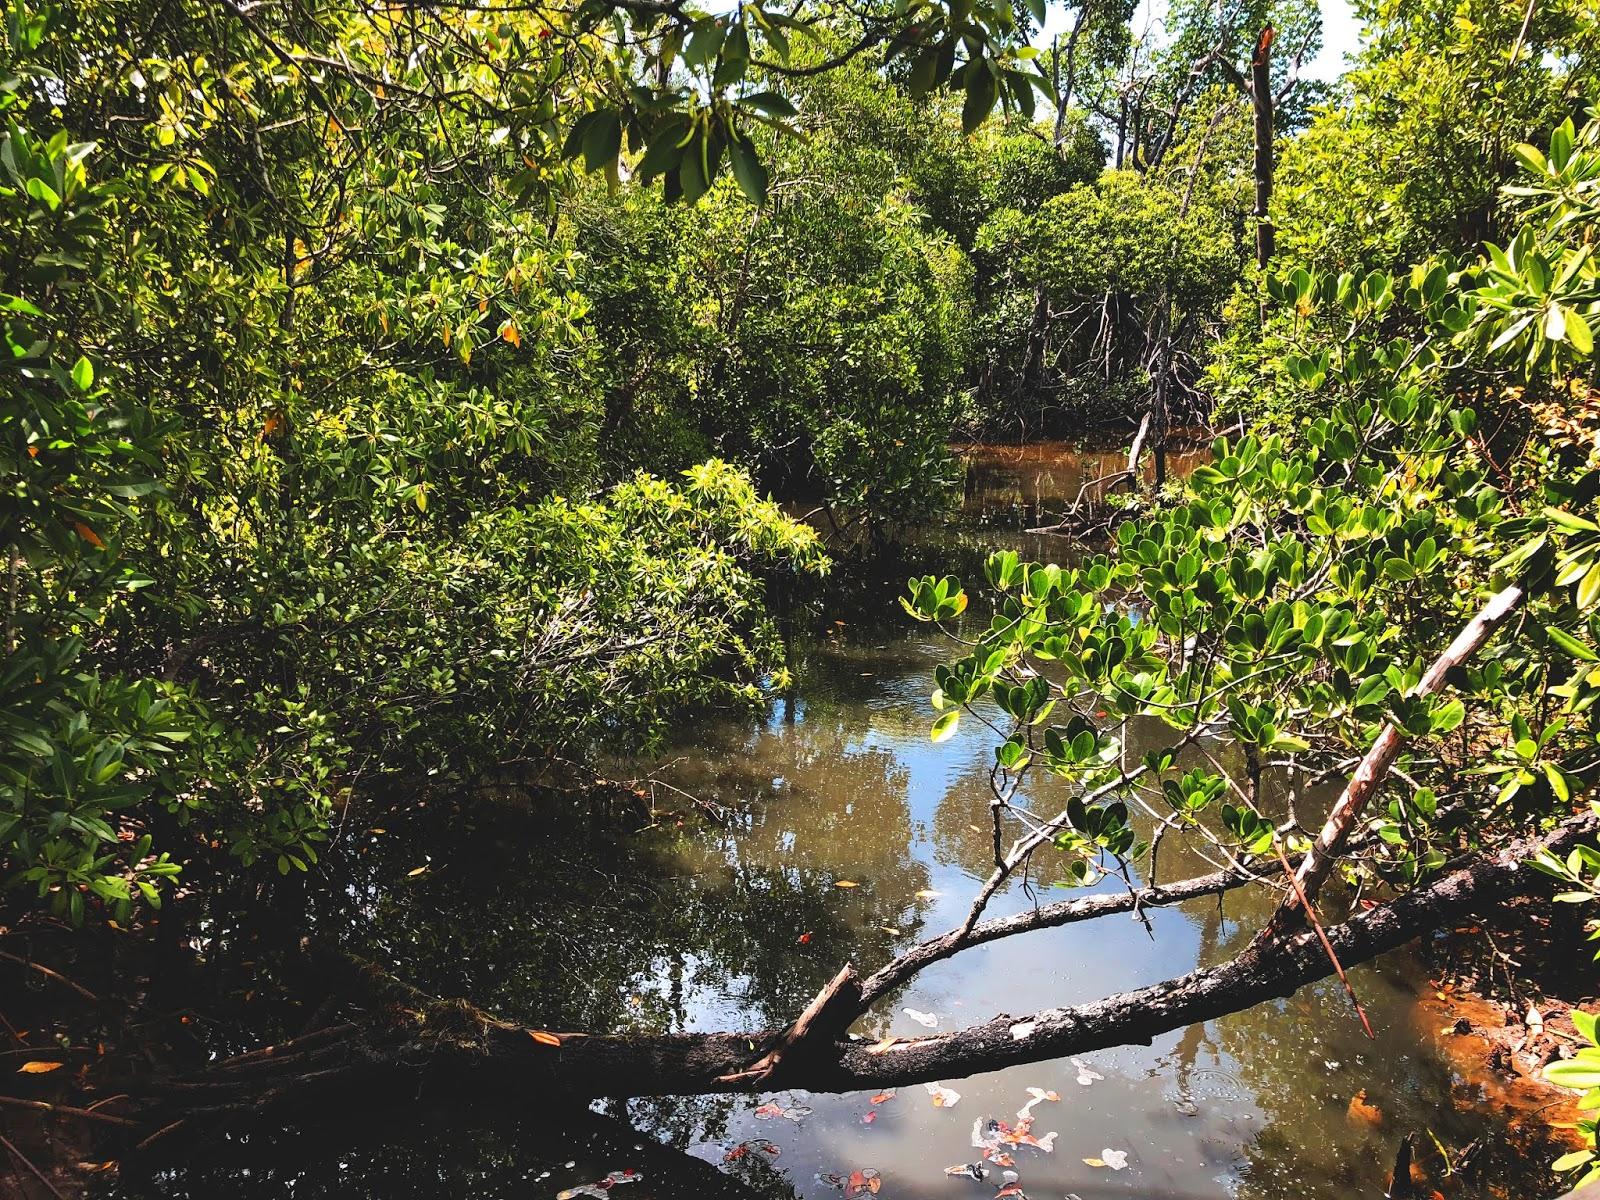 Brązowa mała rzeka w australijskim miasteczku Mission Beach. Połamane gałęzie i gęste krzewy jakie rosną dookoła sięgają wody. Widok podróżnika patrzecągo z małego mostku.